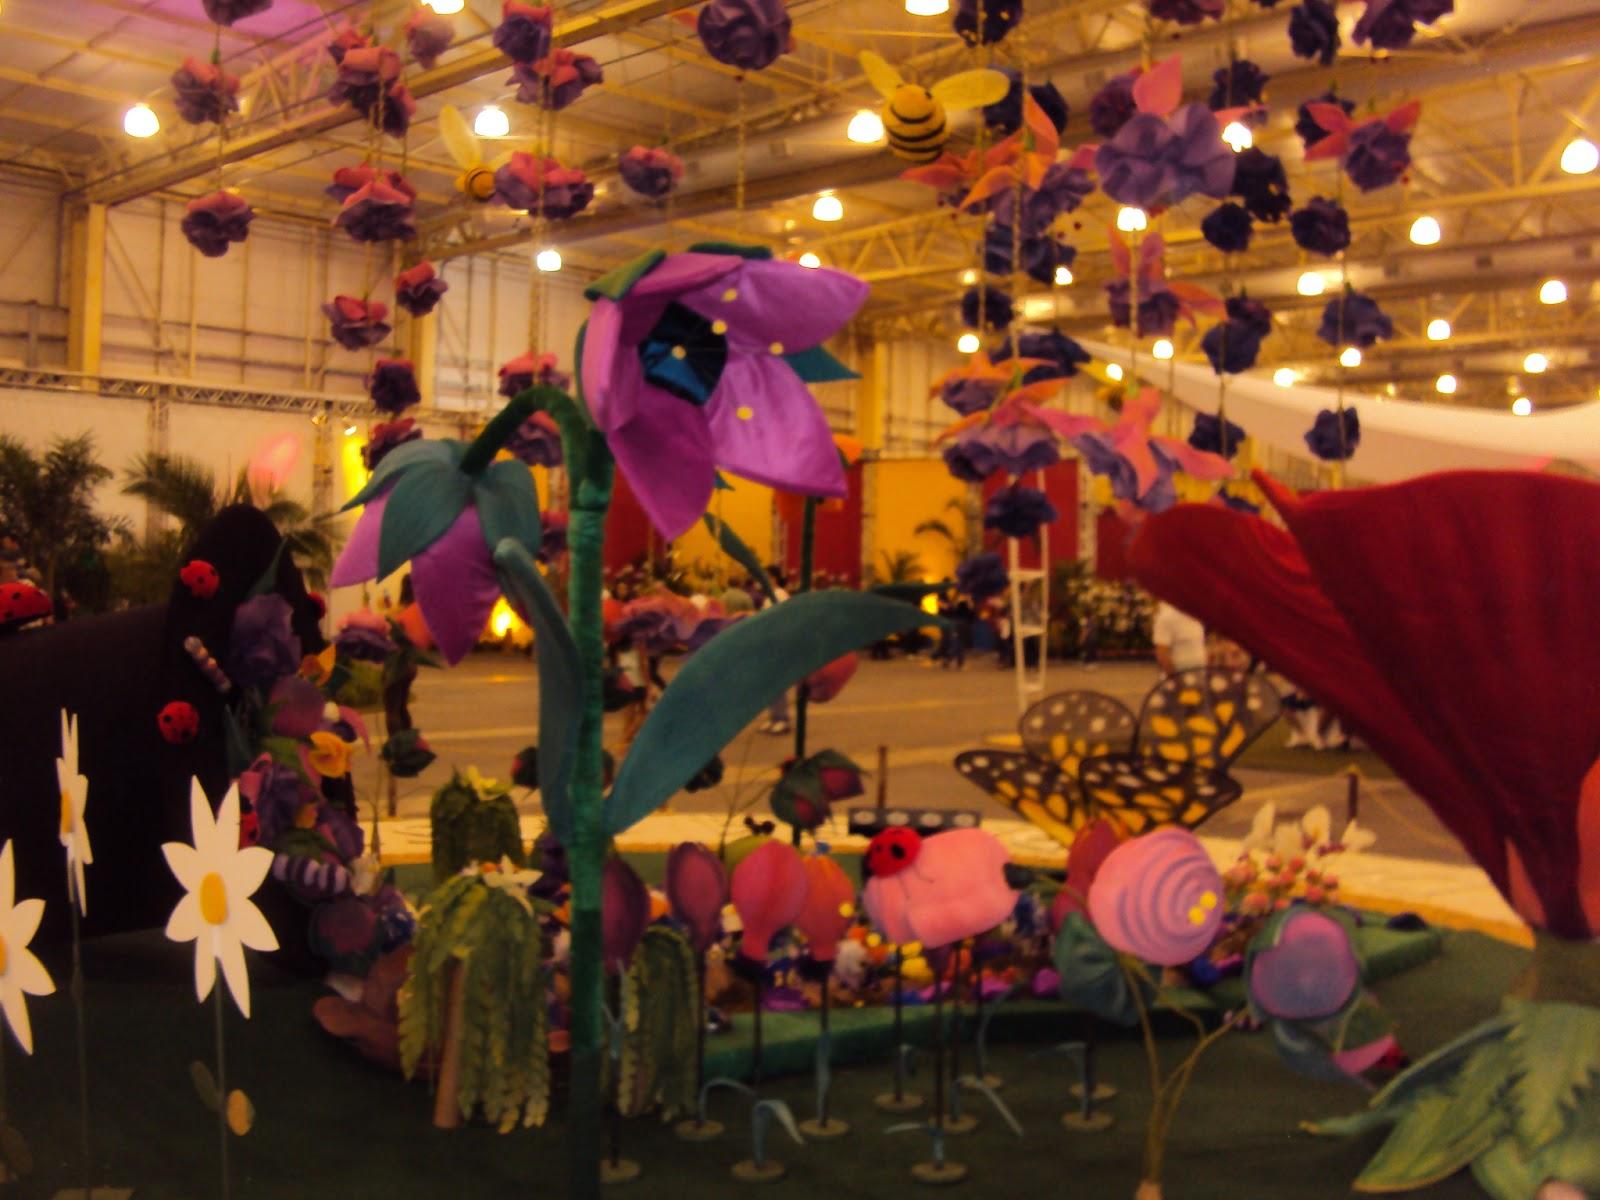 Festa das Flores de Joinville (SC), a 76a., começa nesta terça-feira (11/11)